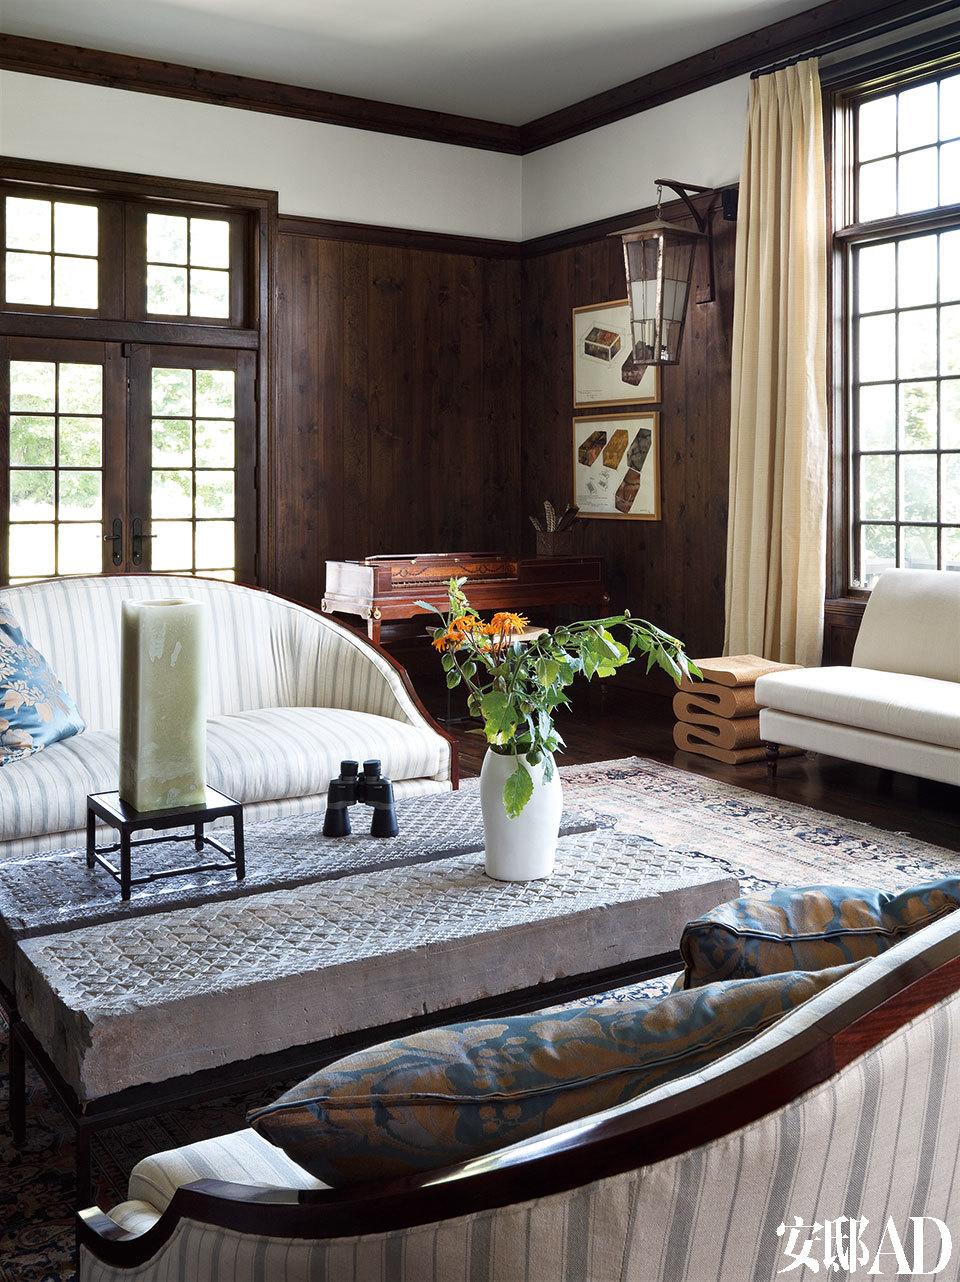 """度假屋里上了年纪的中式老家具,那色调质感竟与这座美国乡村别墅的门窗、护墙板格外吻合。Frank Gehry的瓦楞纸茶几是这个家里少有的""""现代""""物品,入选的原因也许是Gehry那玩世不恭和天马行空的精神符号吧。"""